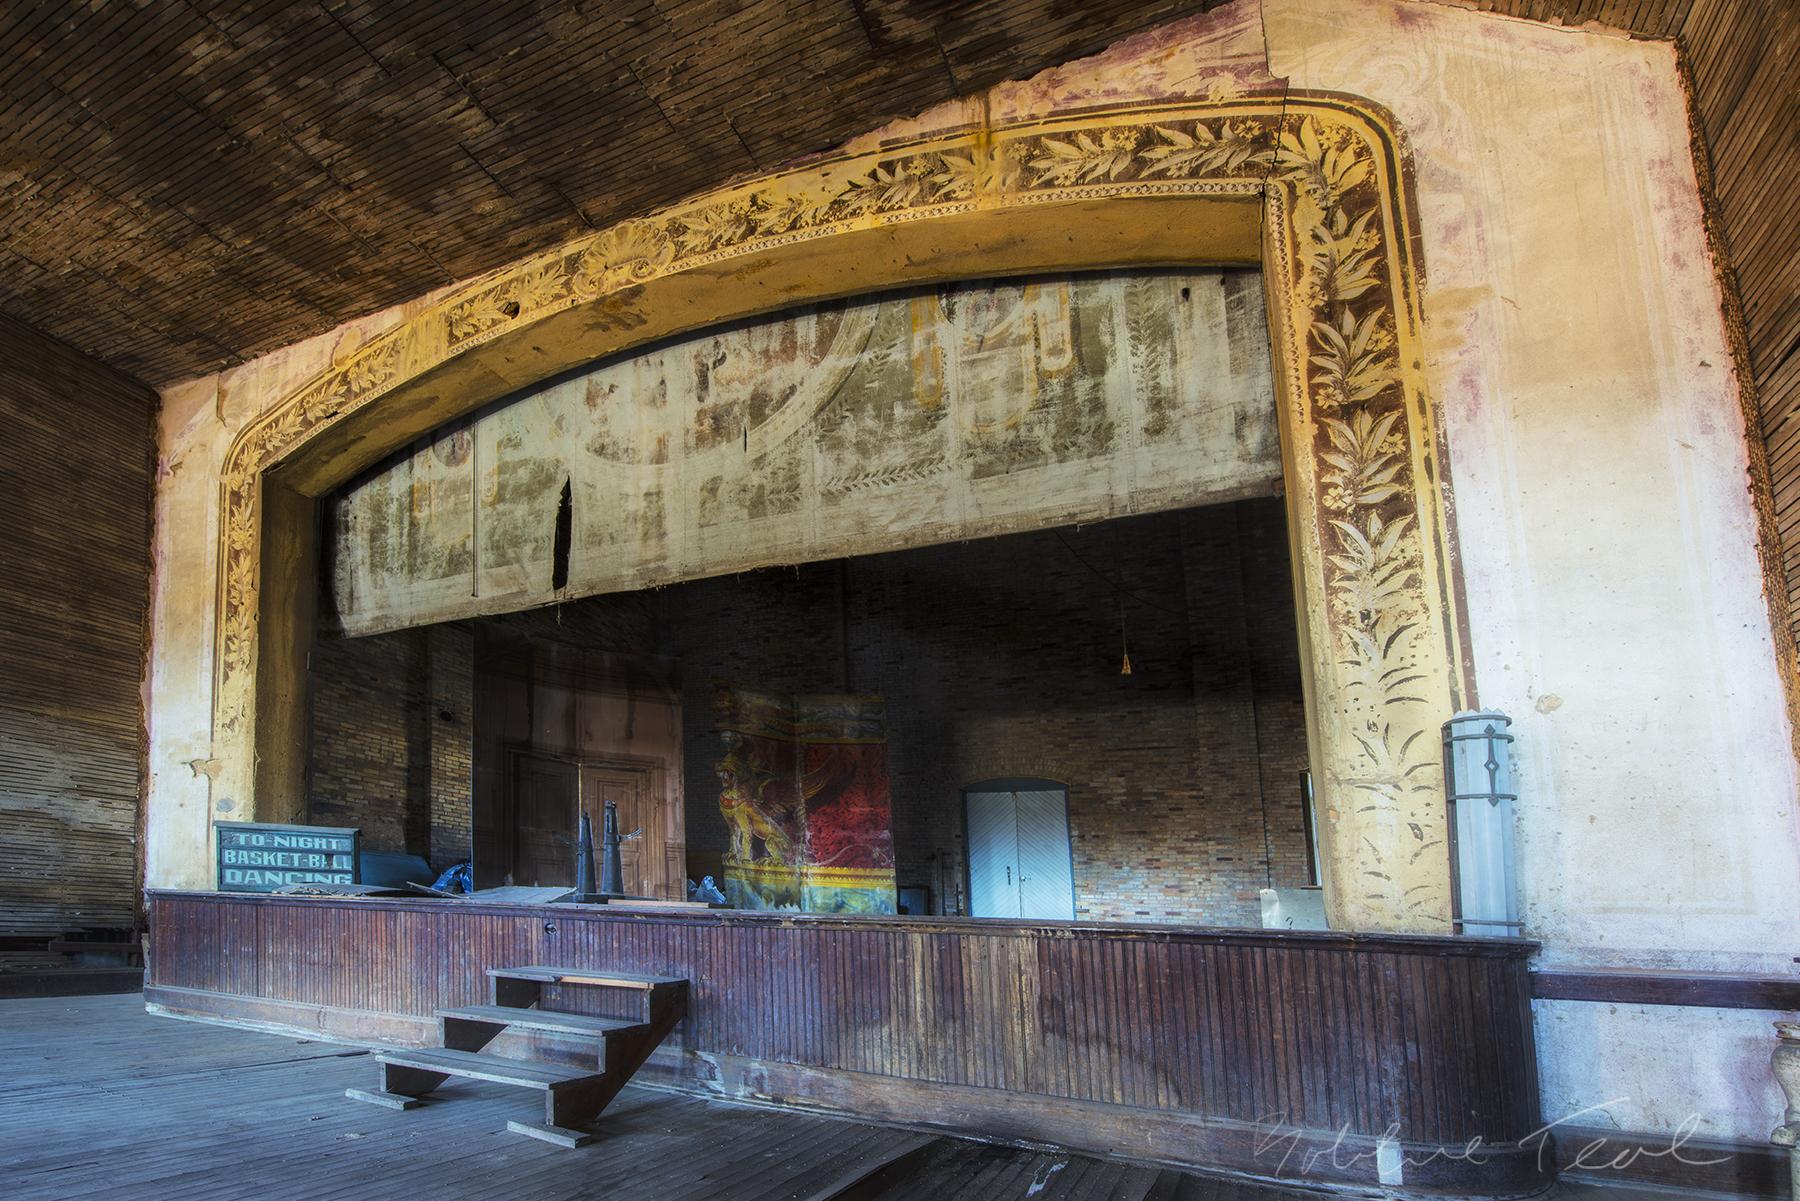 The Linda Theatre